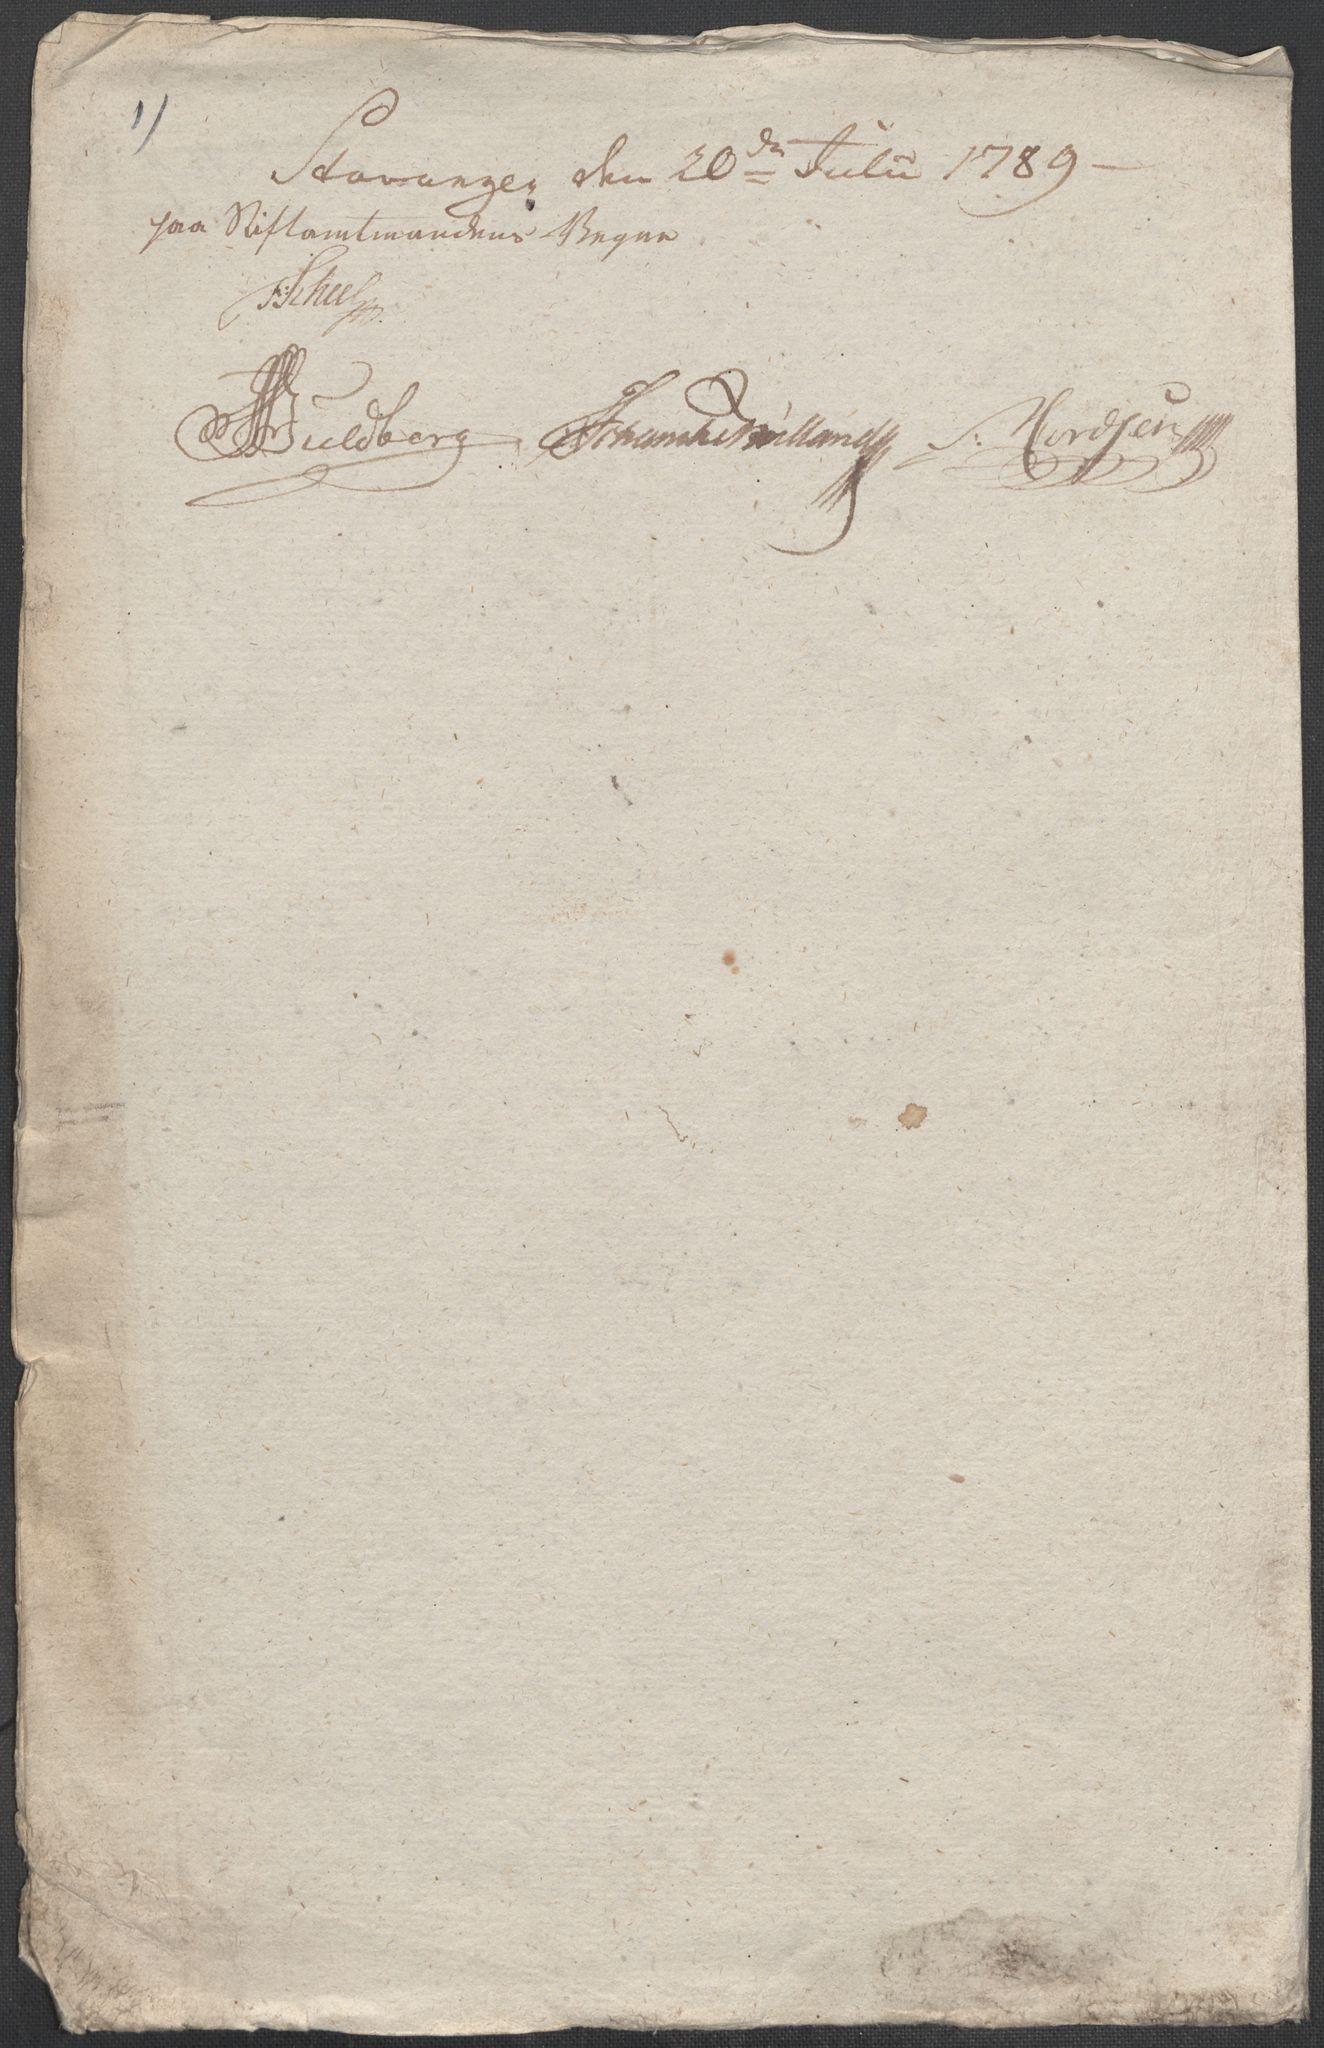 RA, Rentekammeret inntil 1814, Reviderte regnskaper, Mindre regnskaper, Rf/Rfe/L0045: Stavanger, Stjørdal og Verdal fogderi, 1789, p. 24